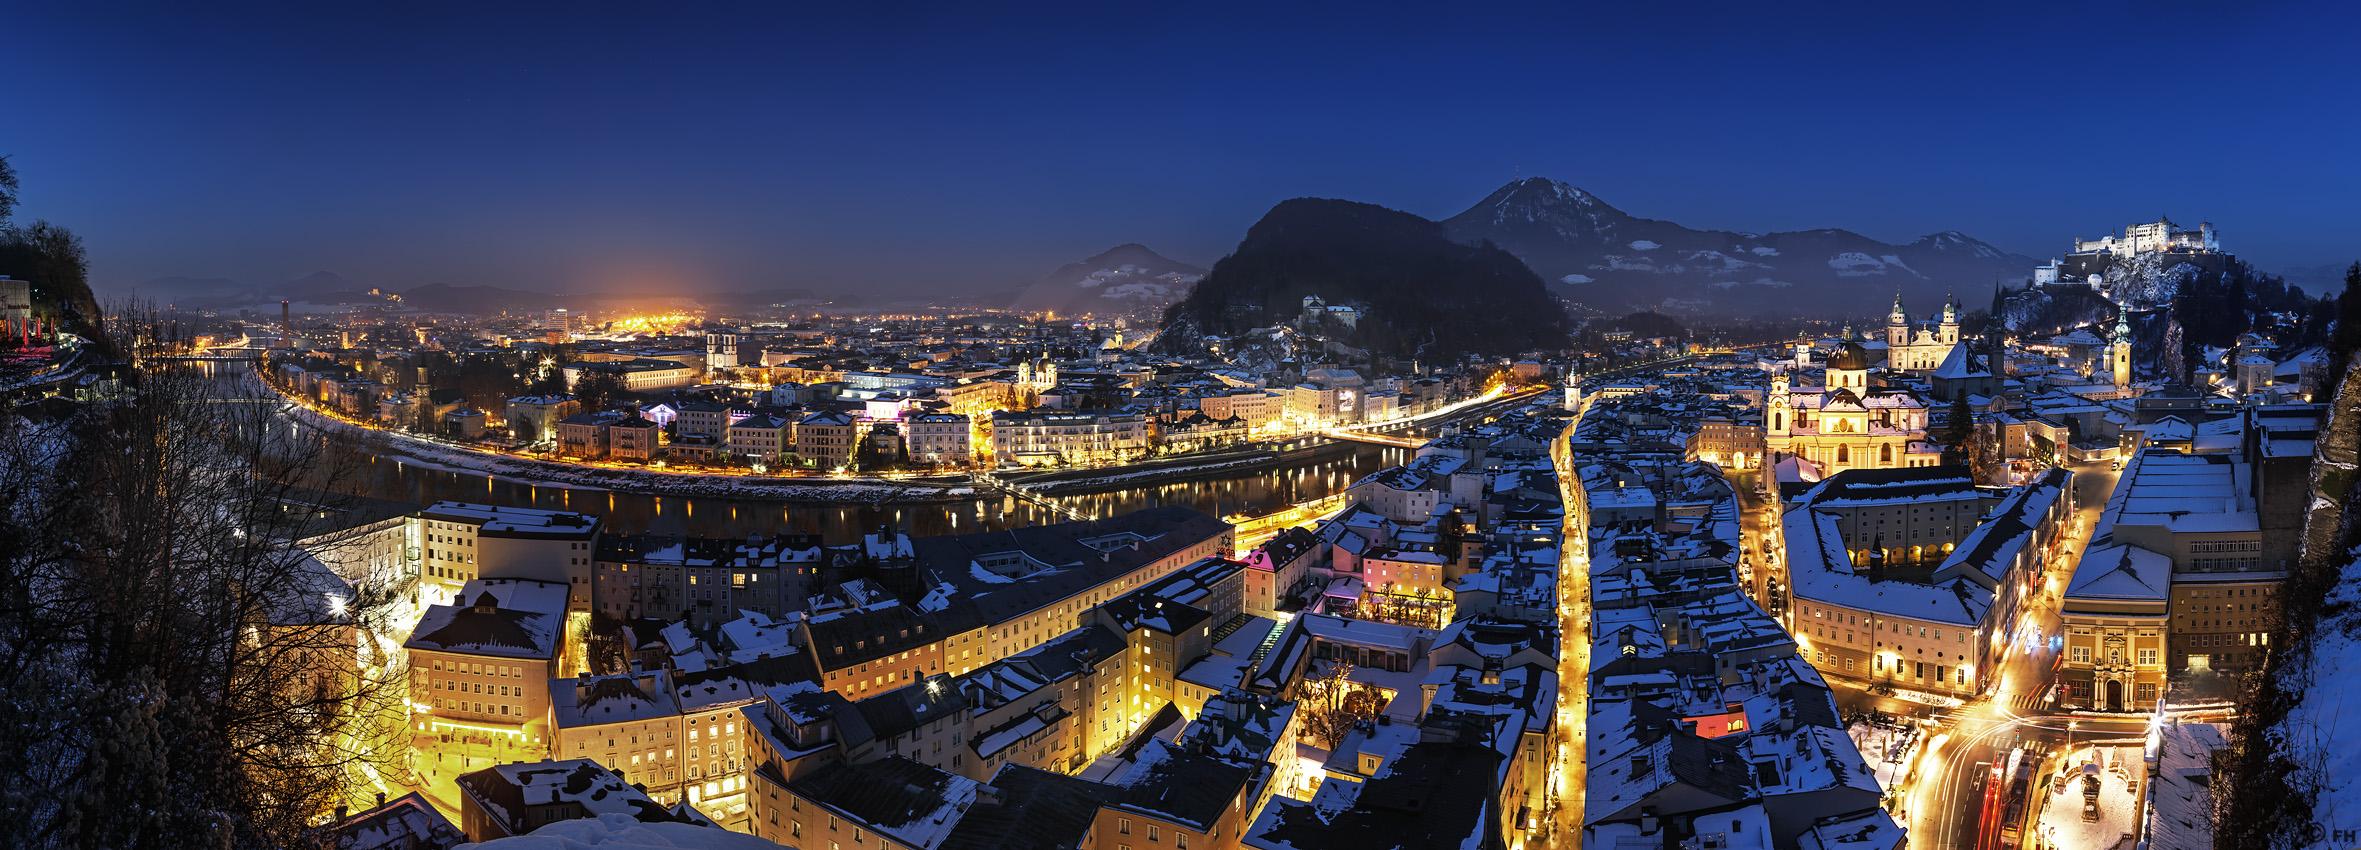 Salzburg_Pano_5_K